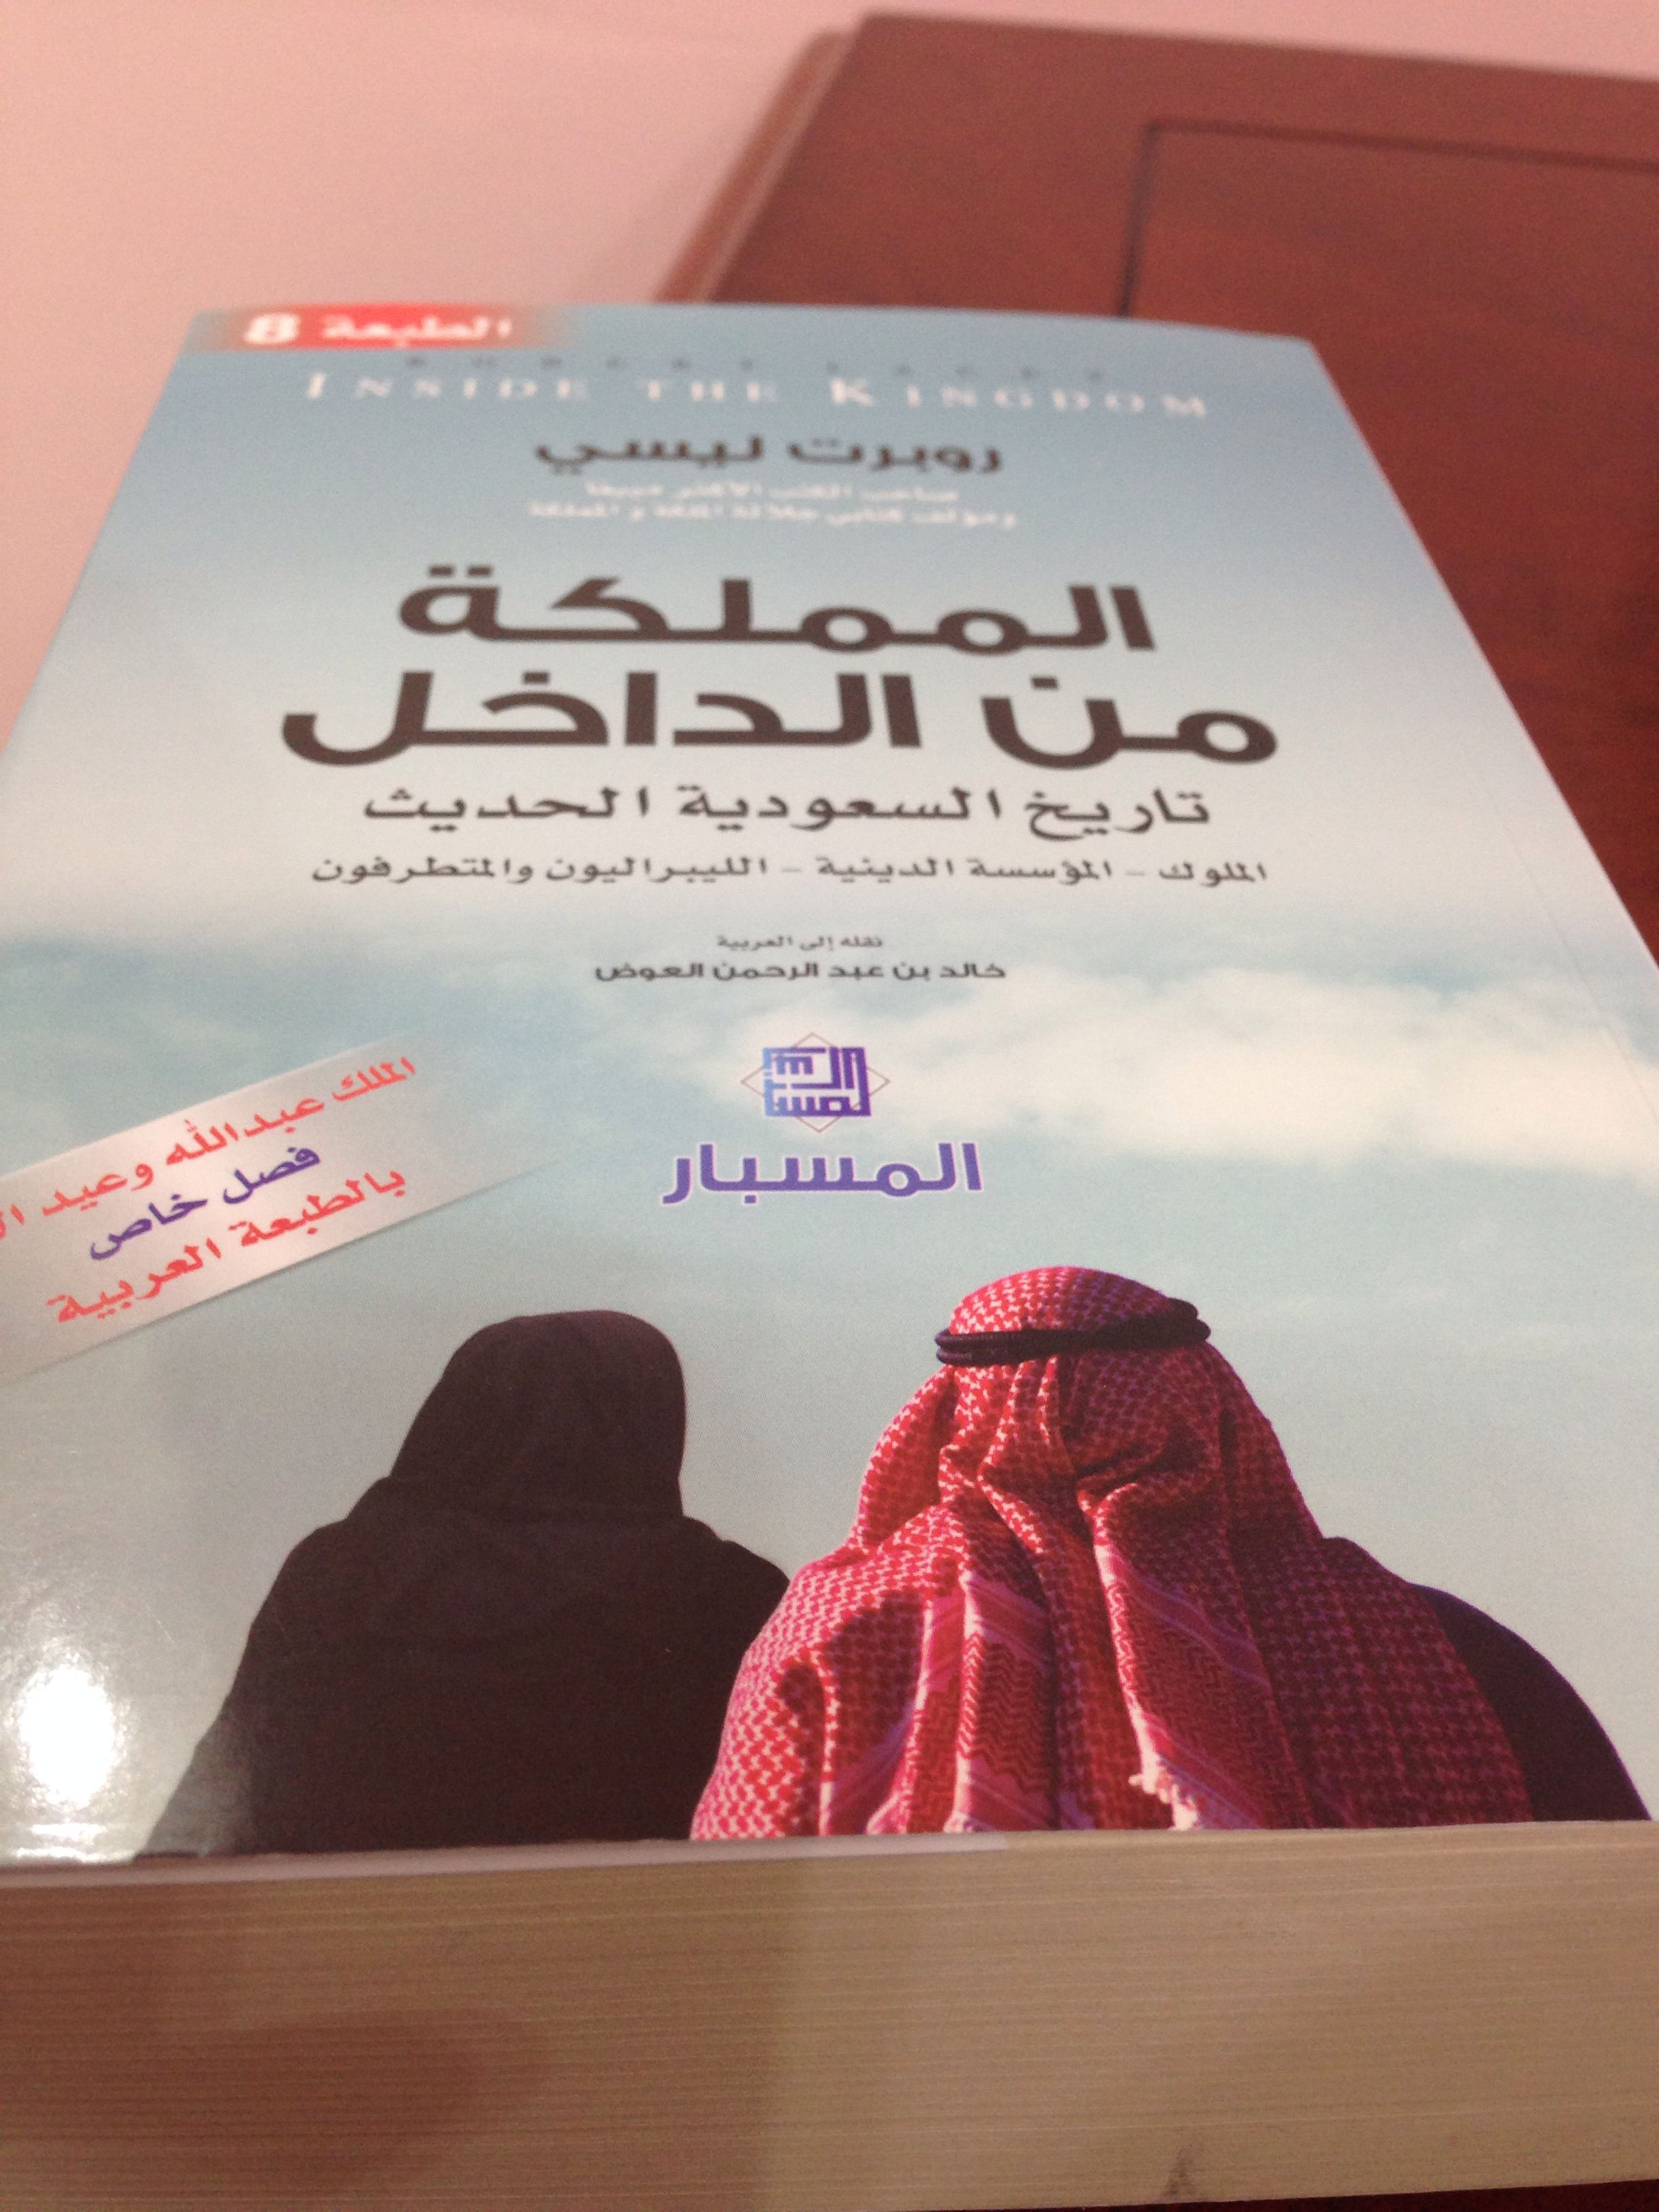 Pin By Latifa Almannai On كتب كتب كتب Books Book Cover Cover